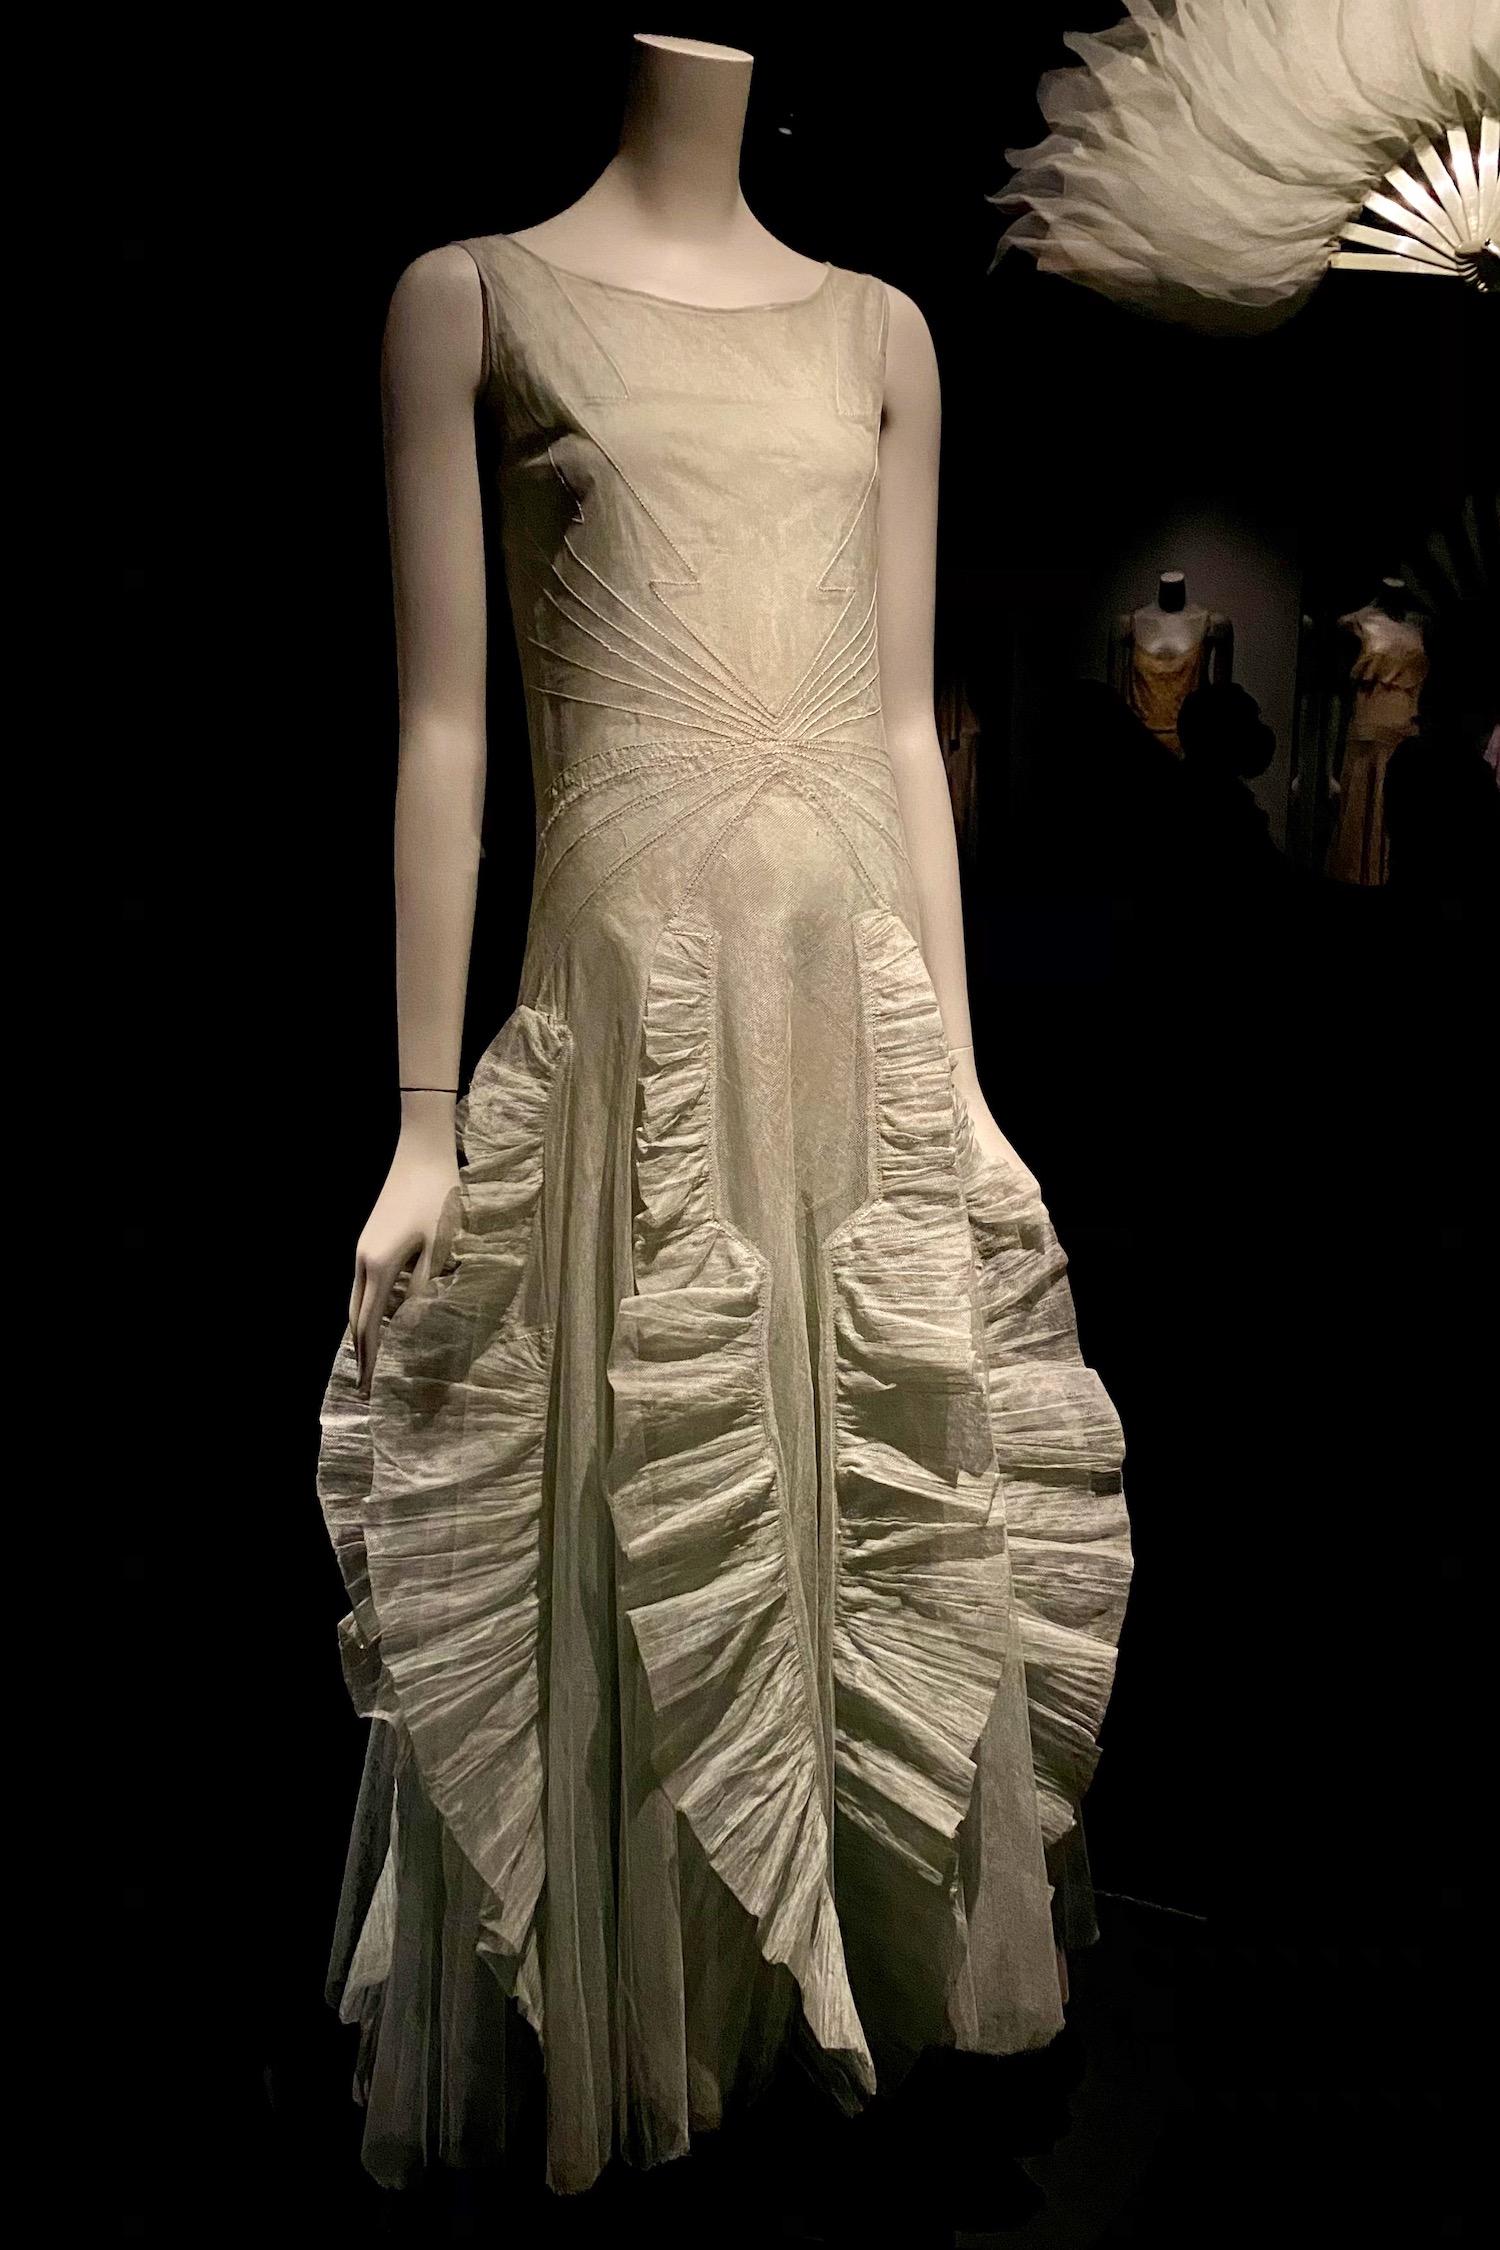 white fan dress